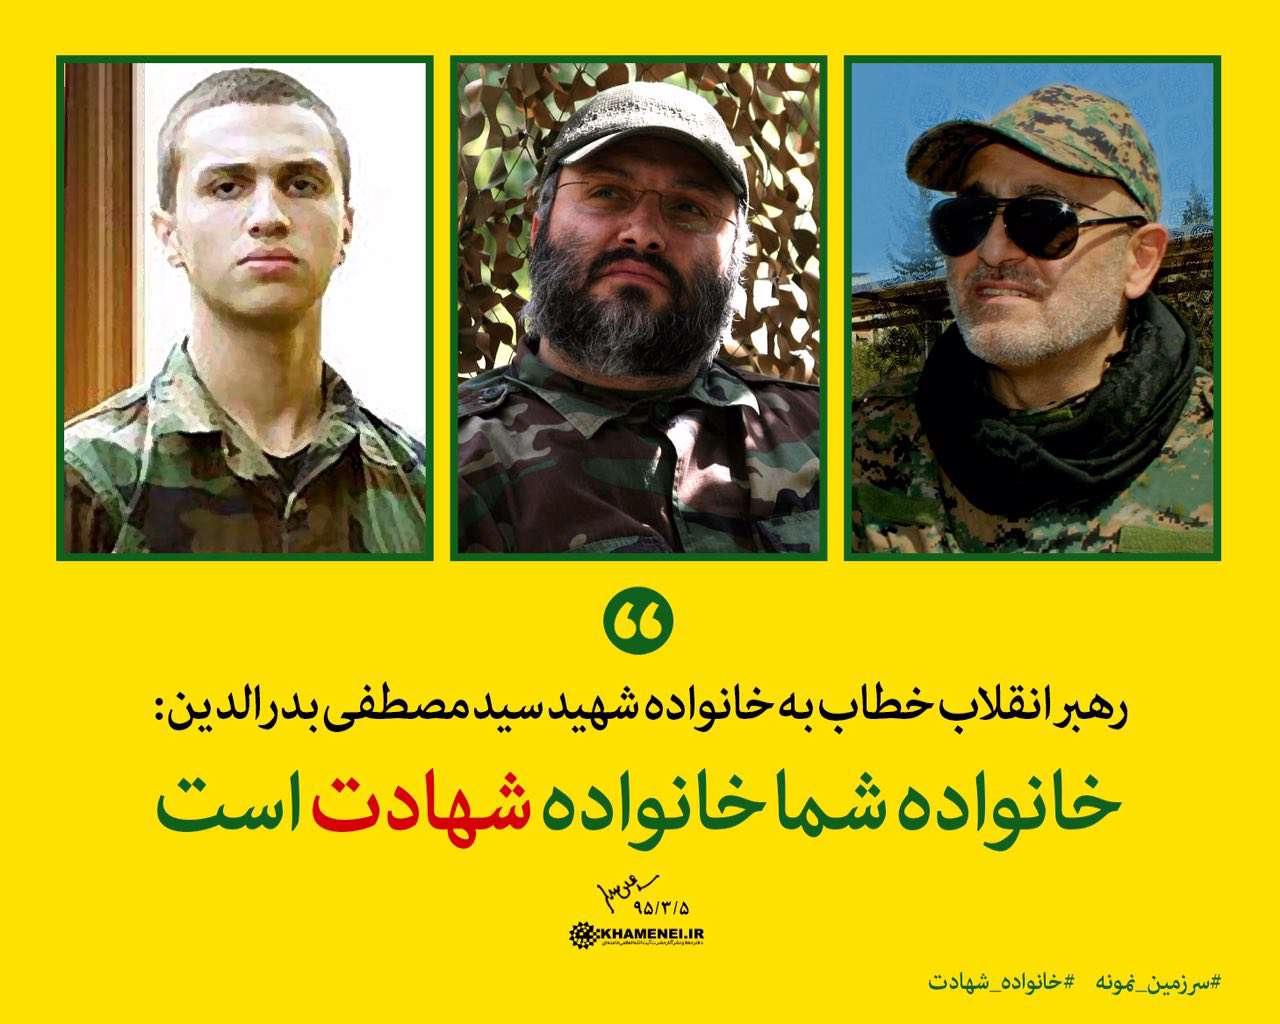 رهبر انقلاب خطاب به خانواده شهيد سید مصطفی بدرالدین: خانواده شما خانواده شهادت است